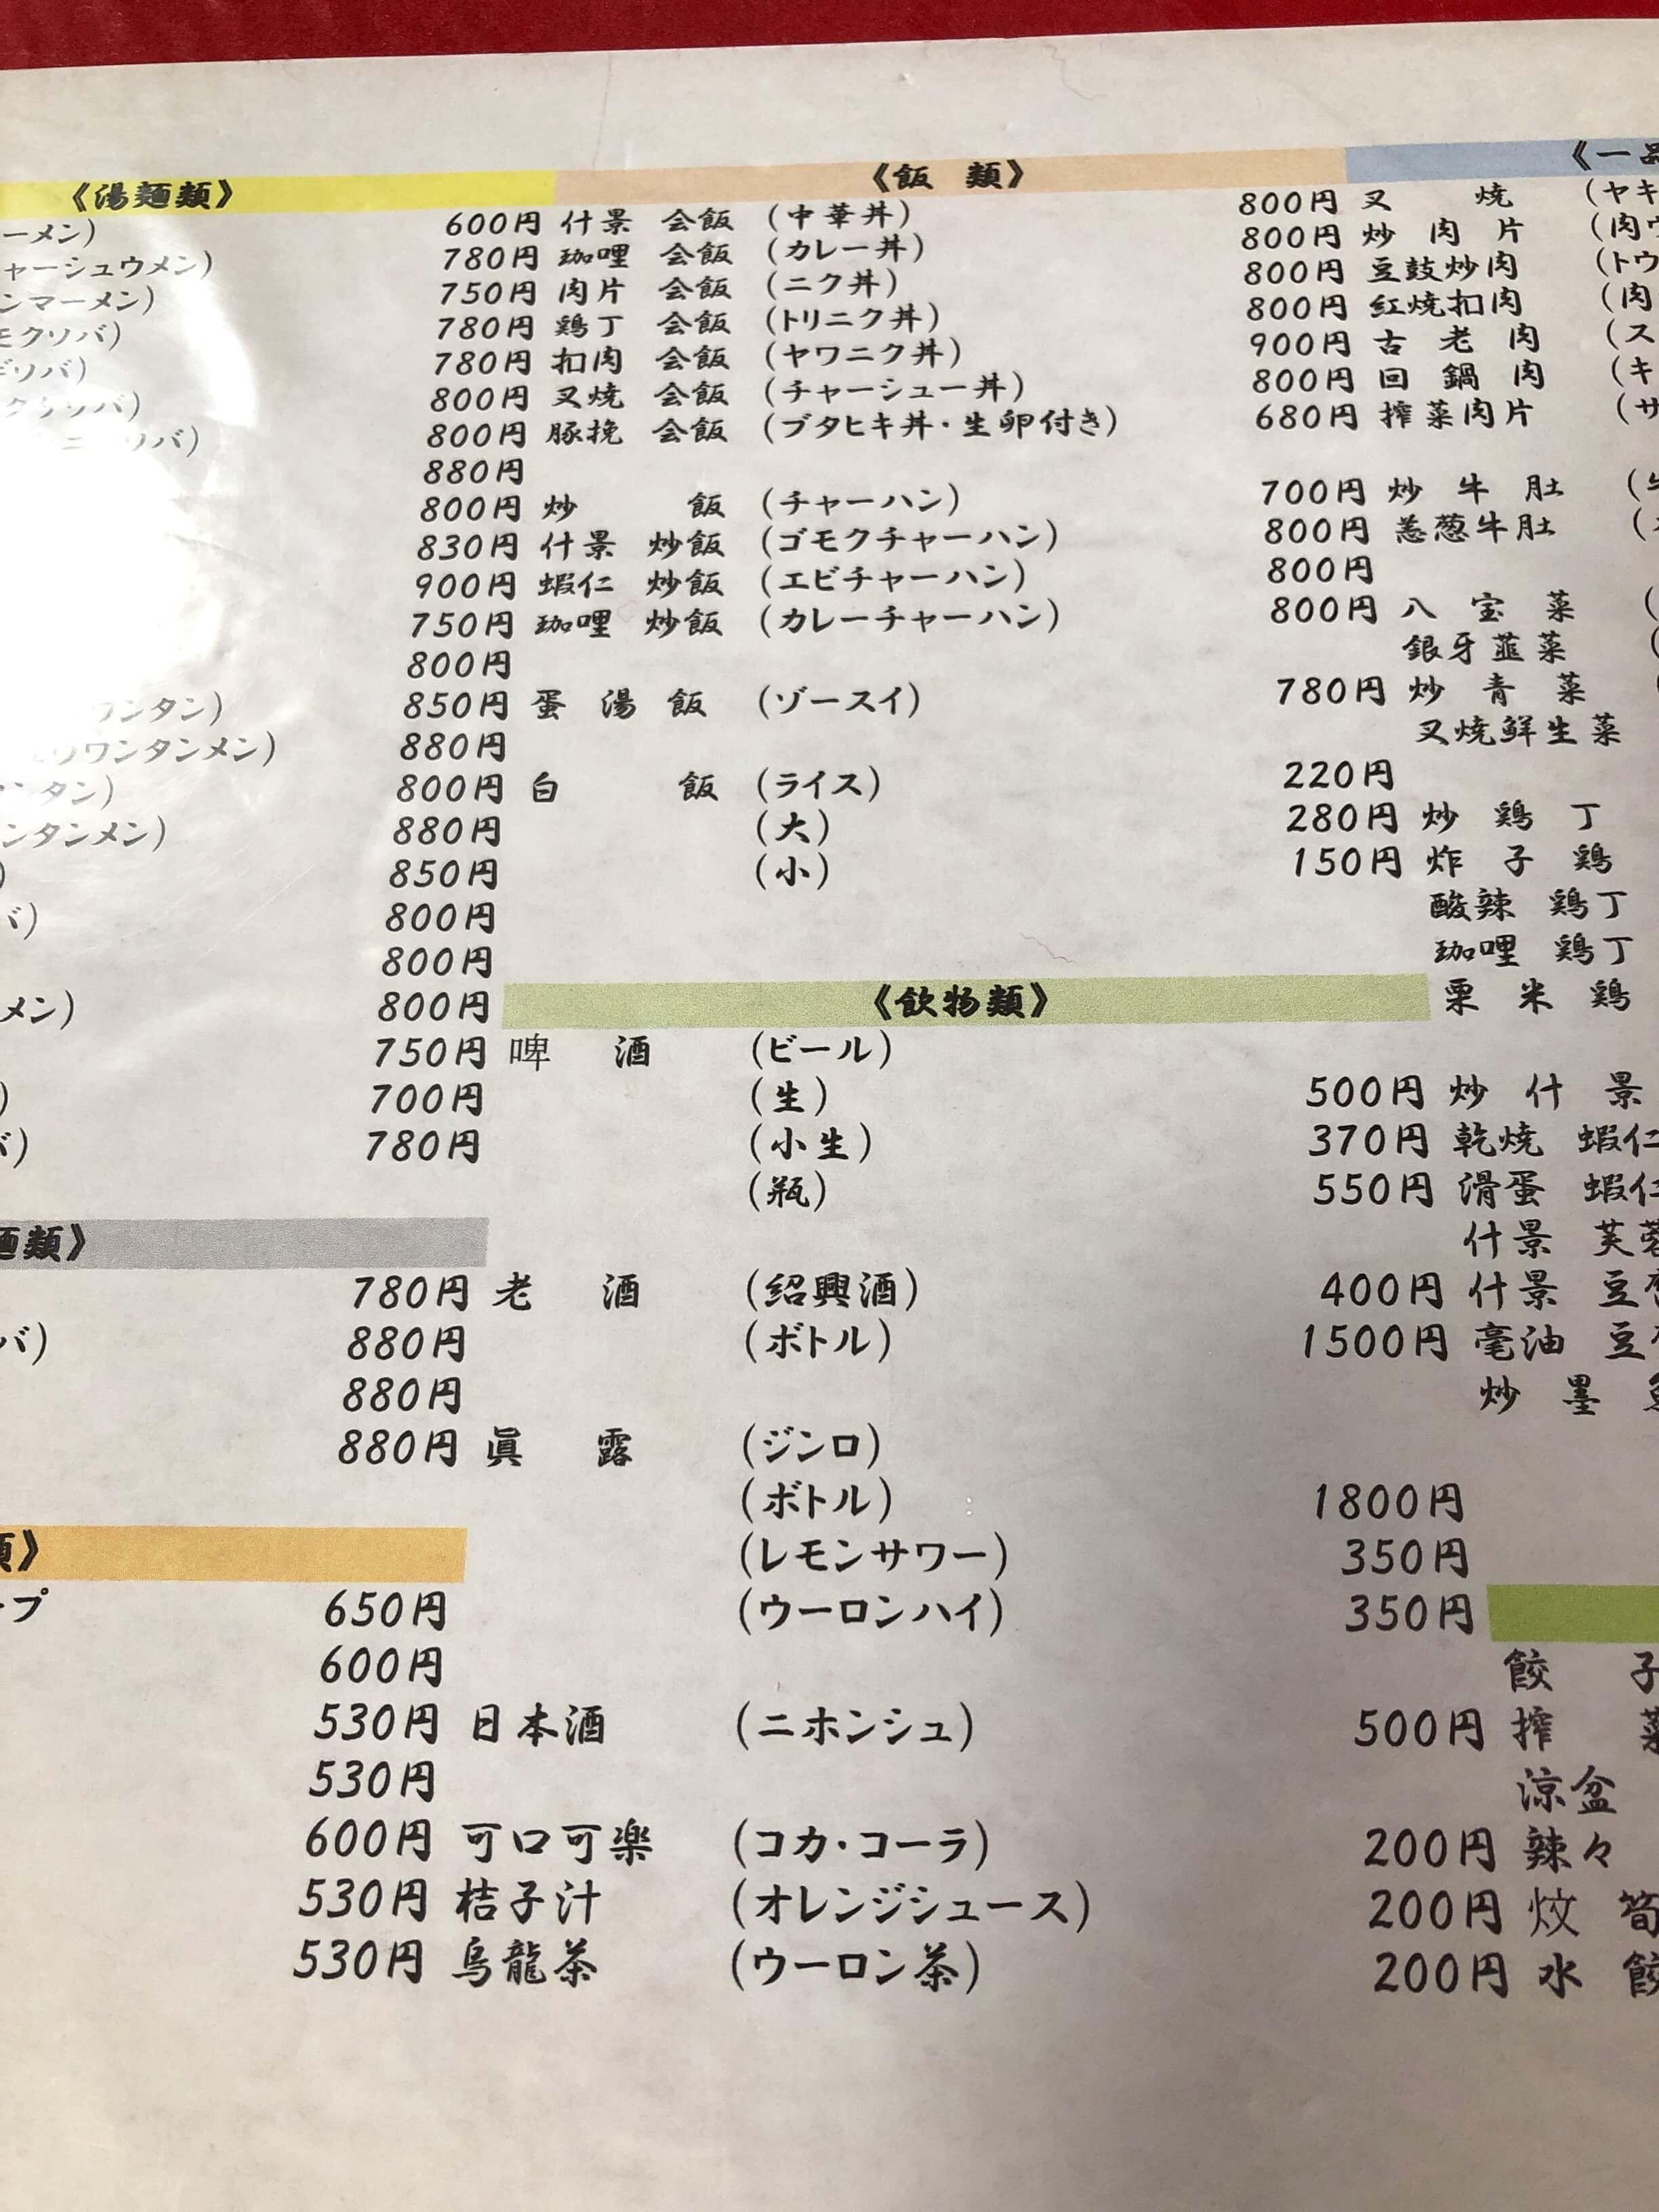 栄濱楼 2020.09.22